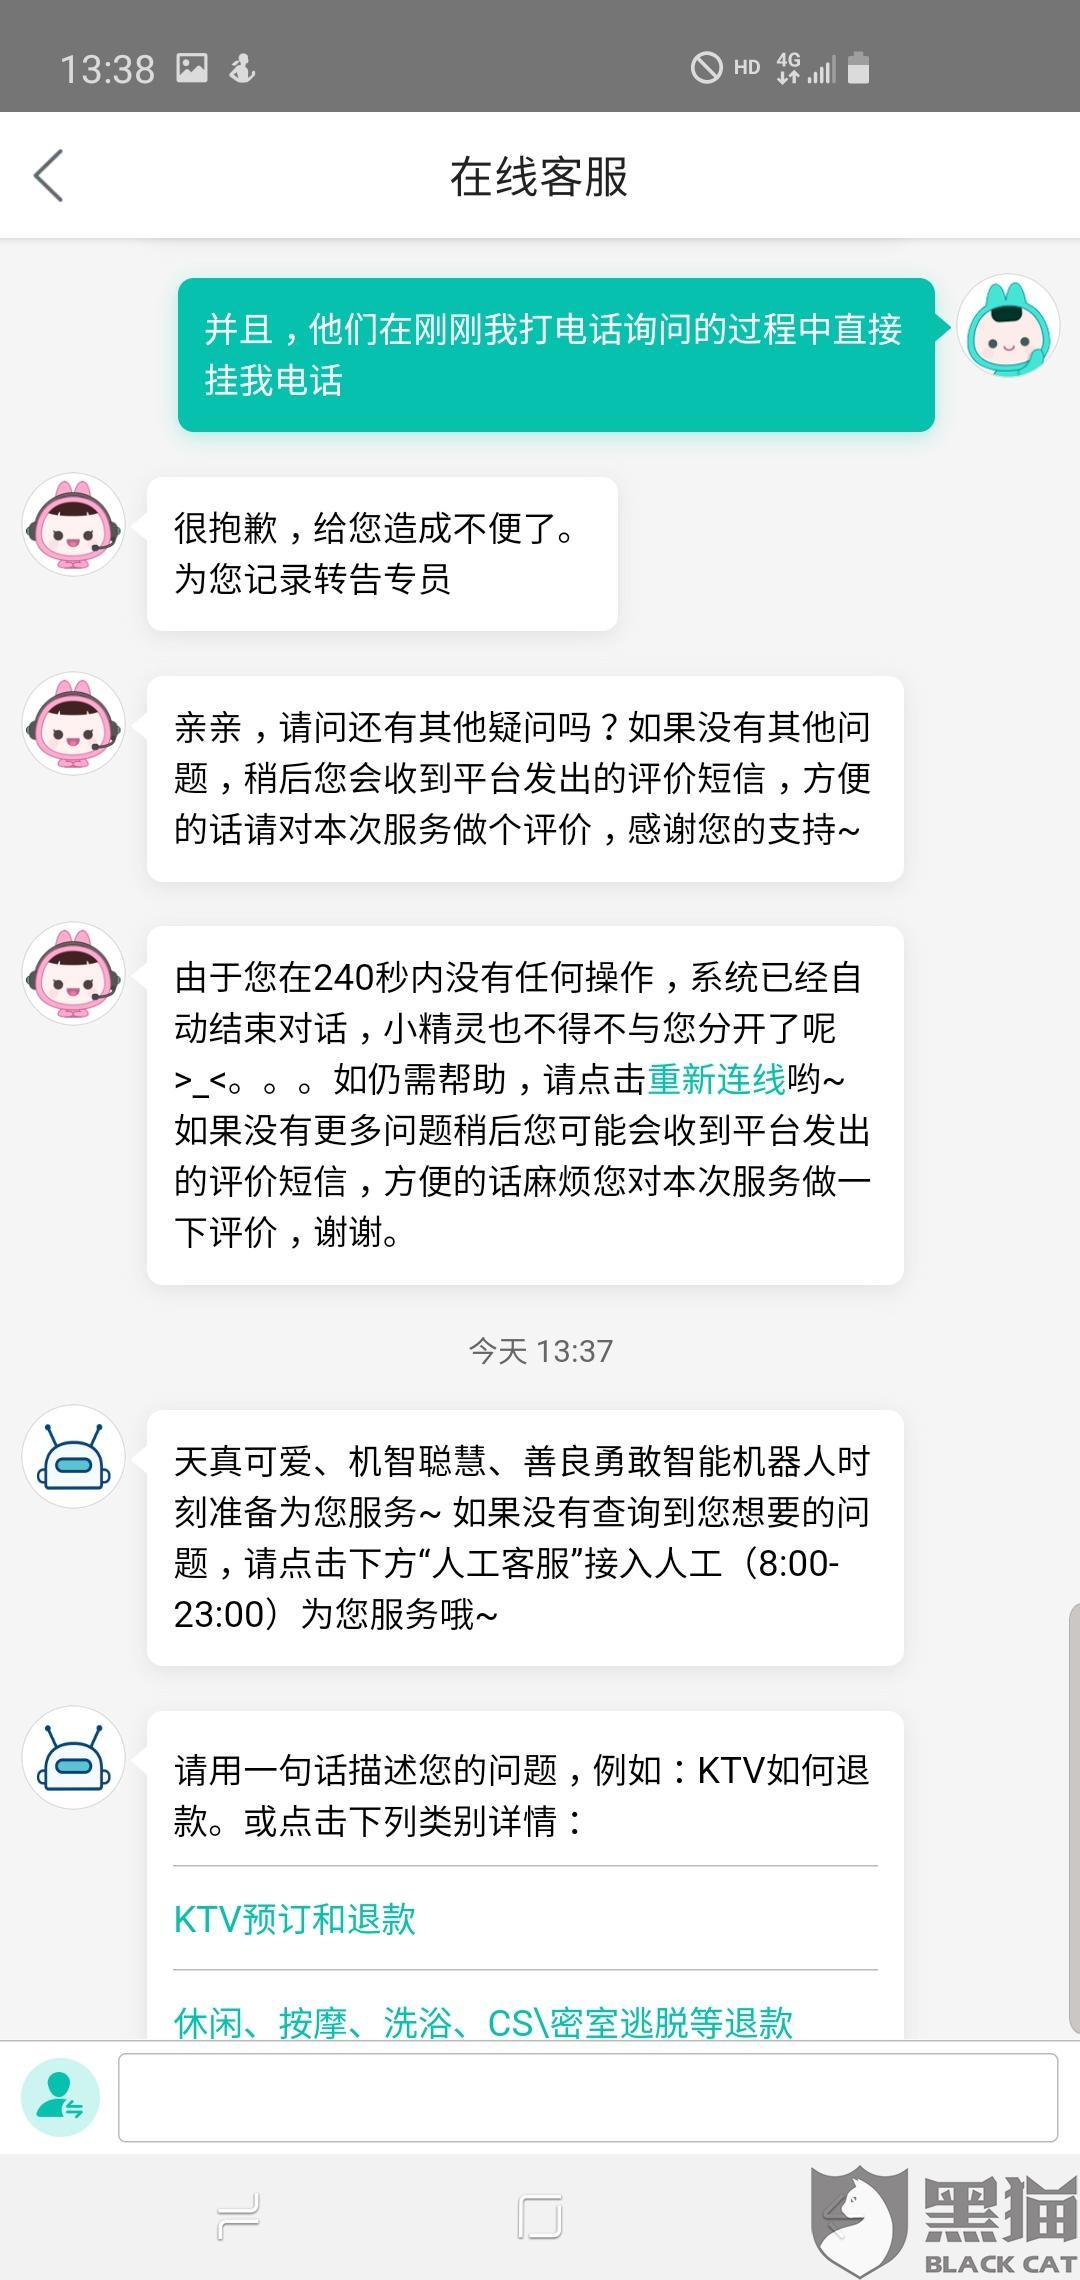 黑猫投诉:帝豪 派普娱乐ktv不退款(已解决)